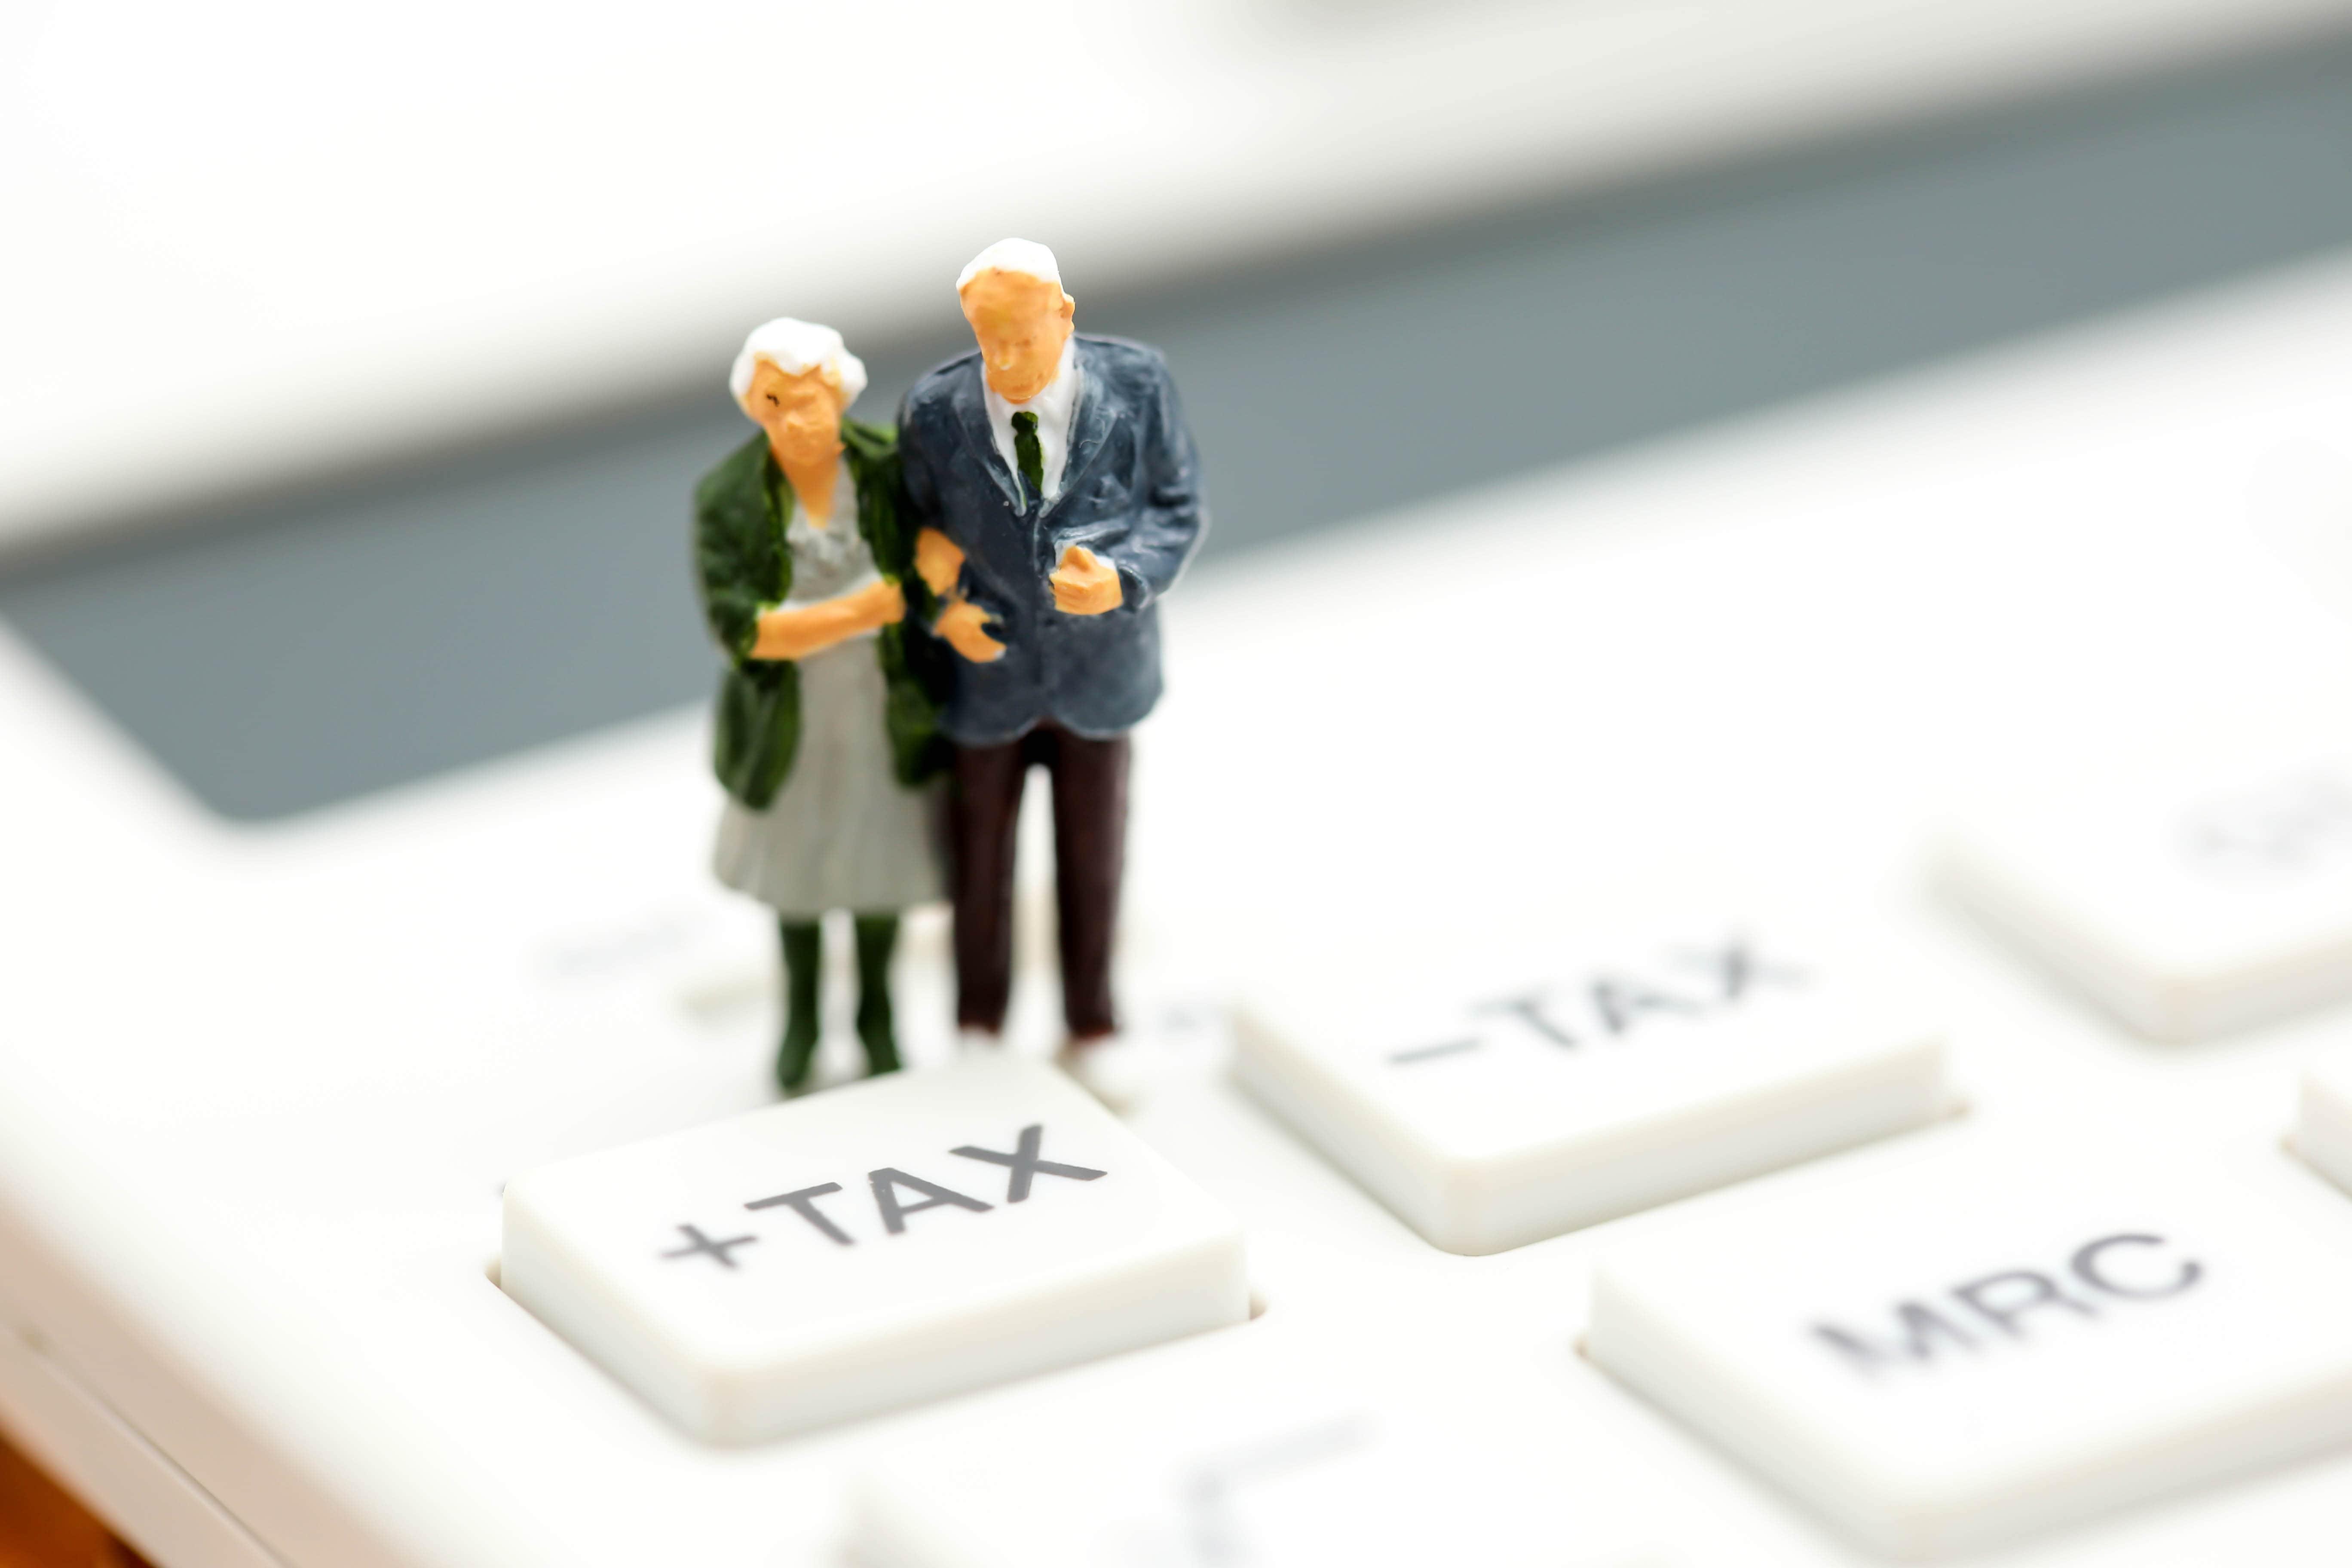 IRA tax preparation